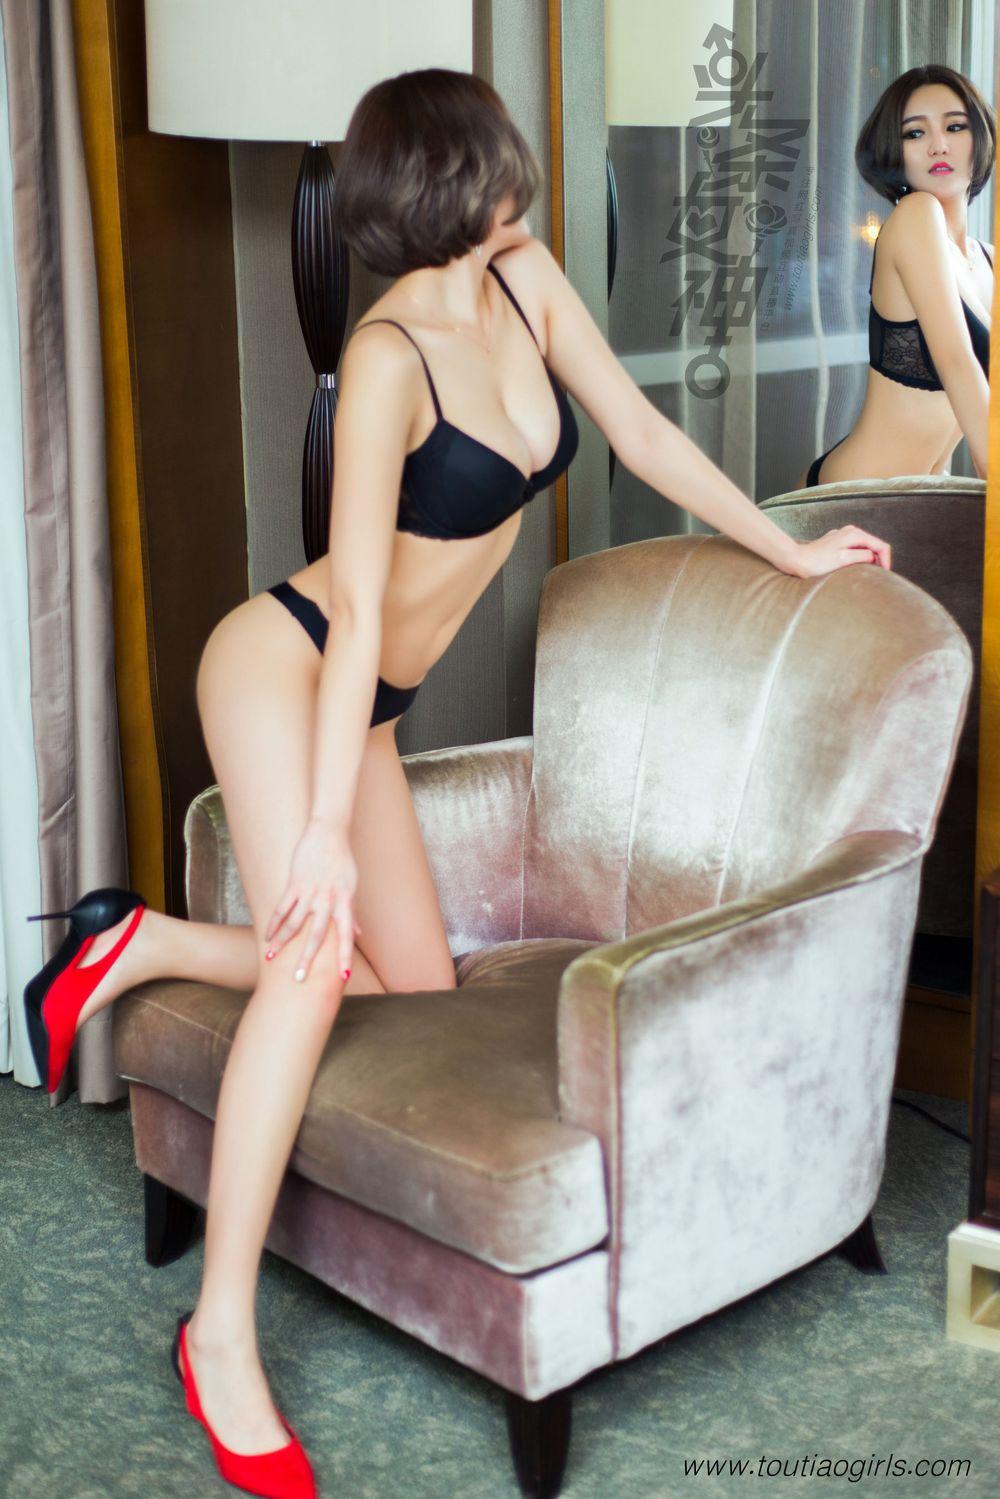 Vol.75 小蛮腰翘臀丁字裤内衣诱惑美女模特头条女神-文雪Cher完整私房照合集